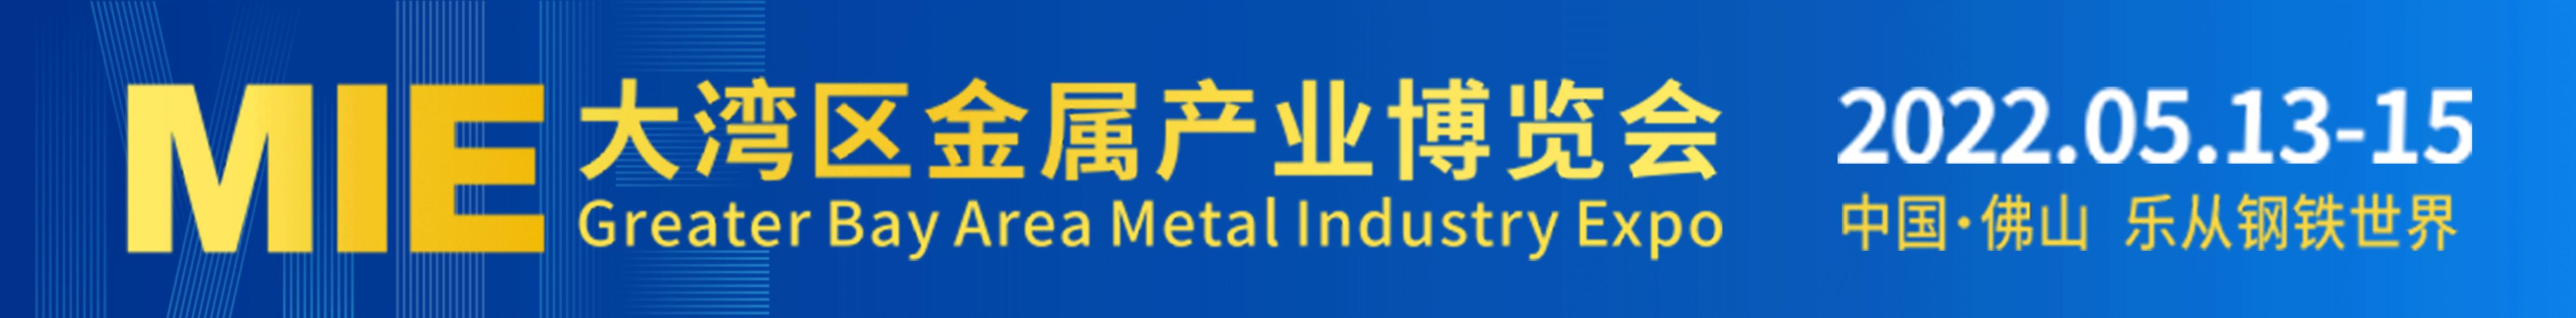 大湾区金属产业博览会